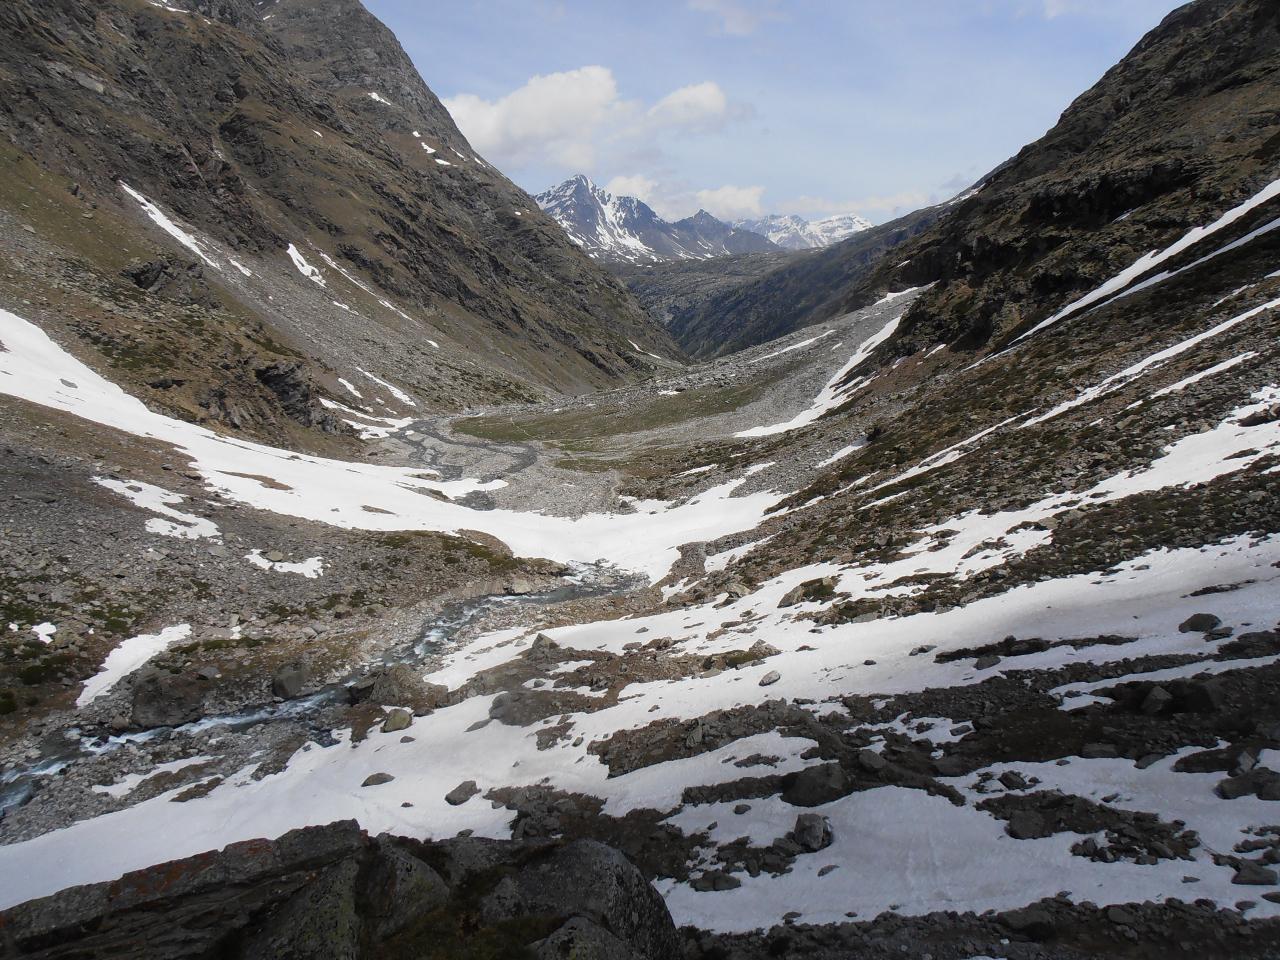 07 - risalendo i nevai resifui sotto il rifugio